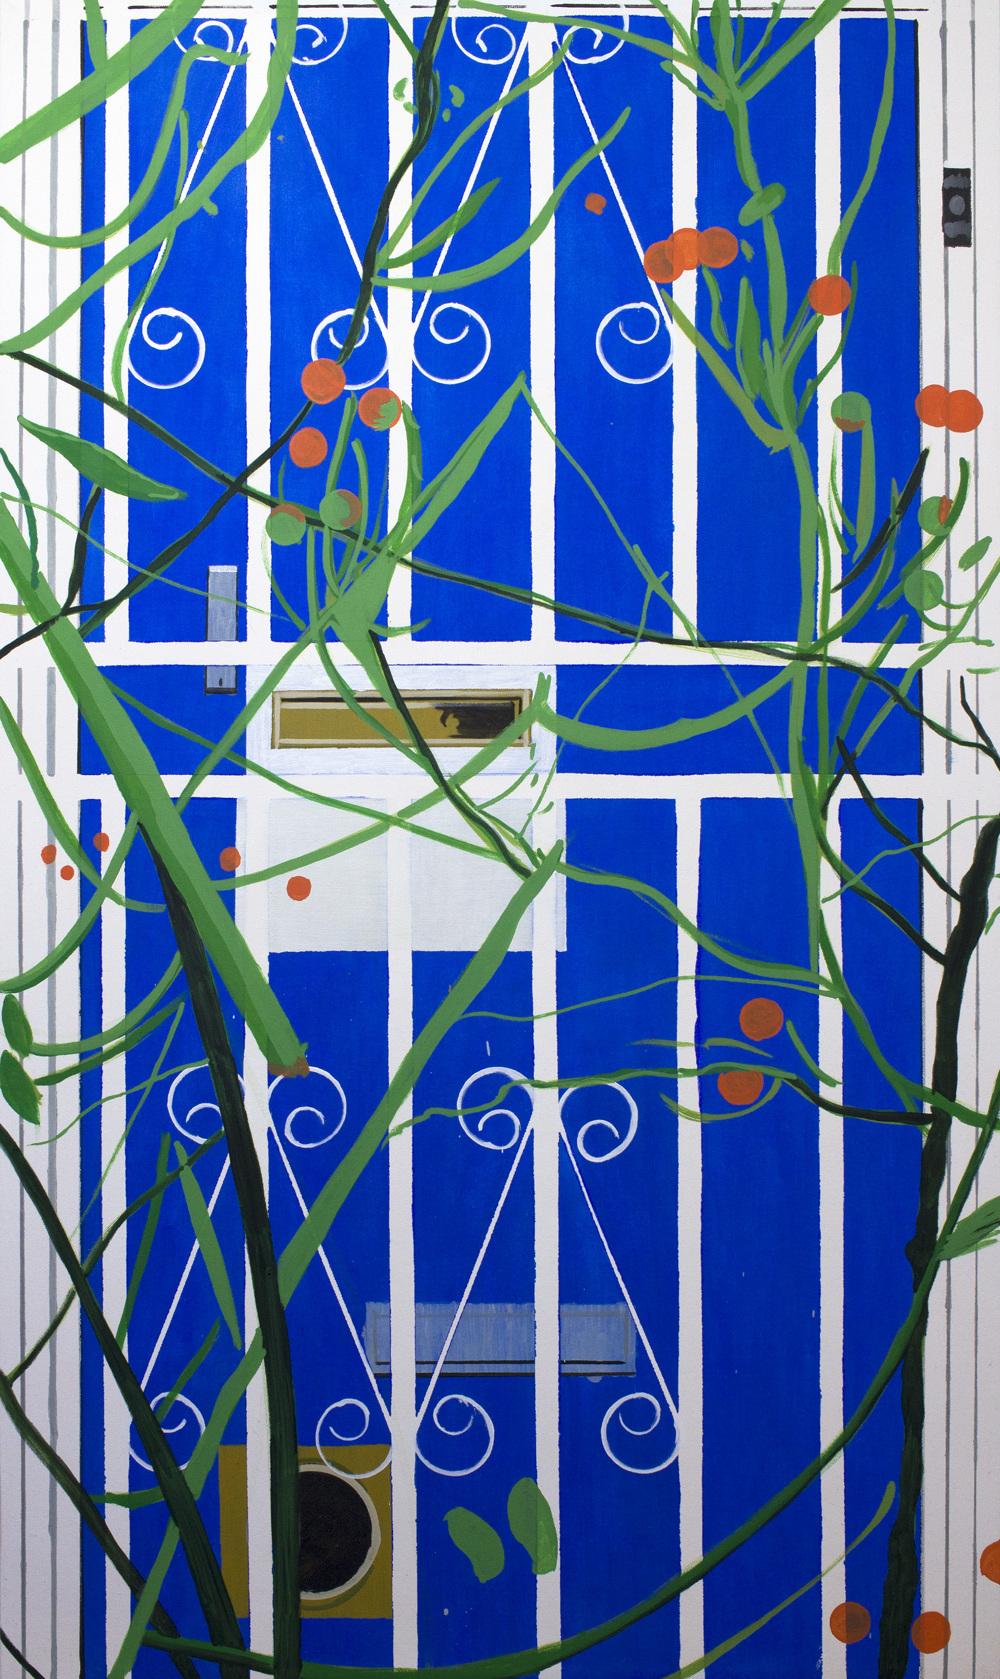 Blue Door, 2017